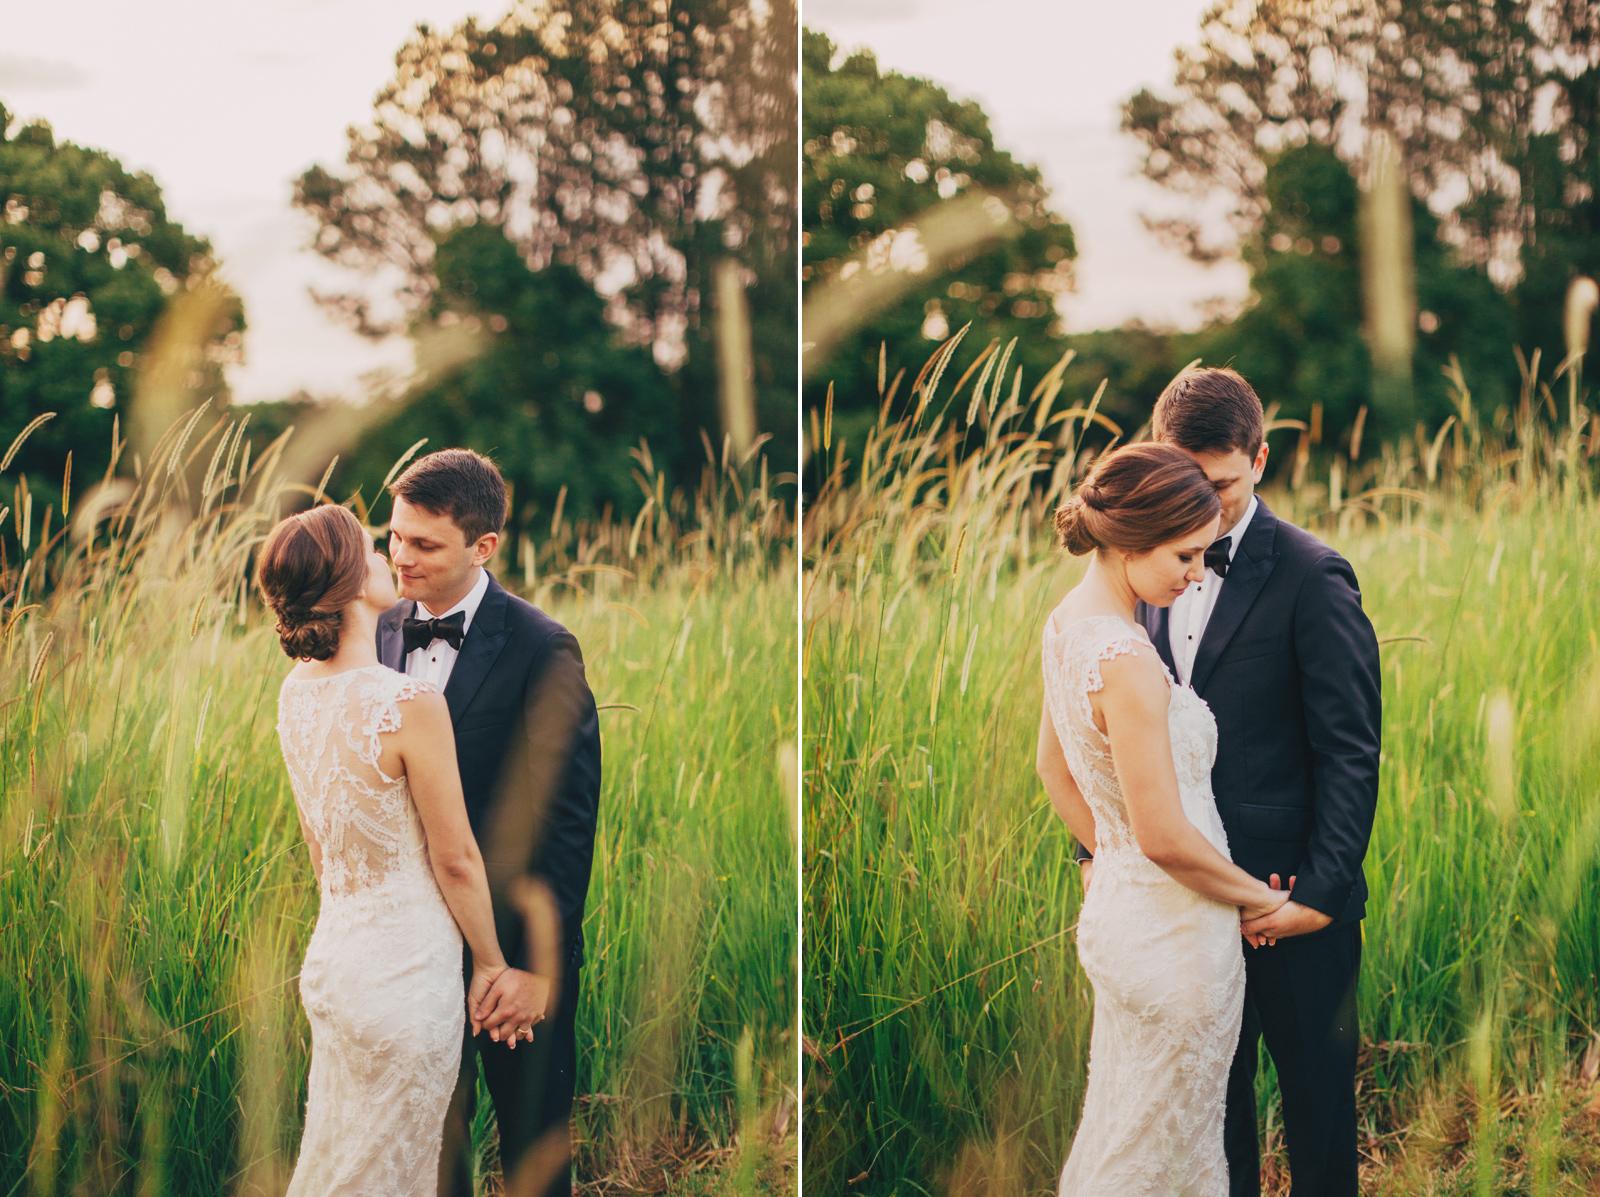 Hilary-&-Darren-Married---0723